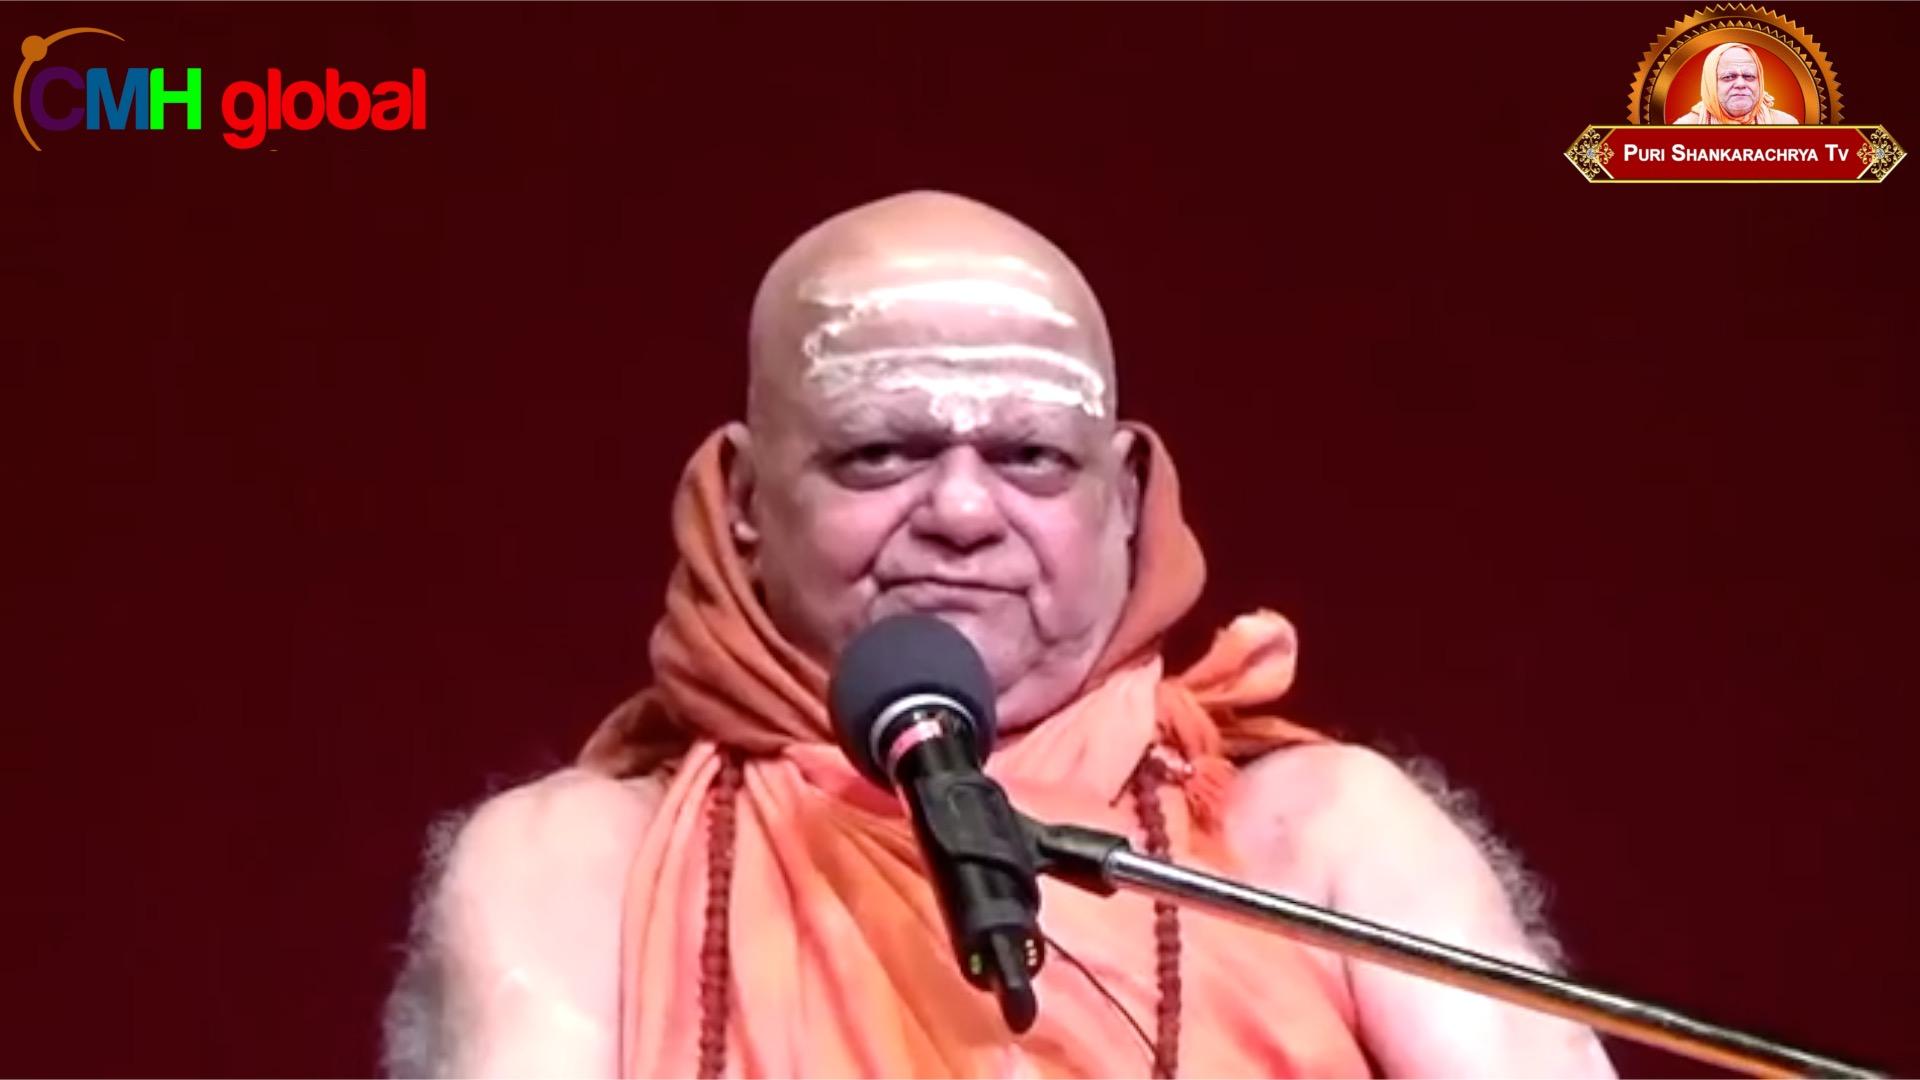 Gyan Dhara Ep -37 by Puri Shankaracharya Swami Nishchalananda Saraswati Ji